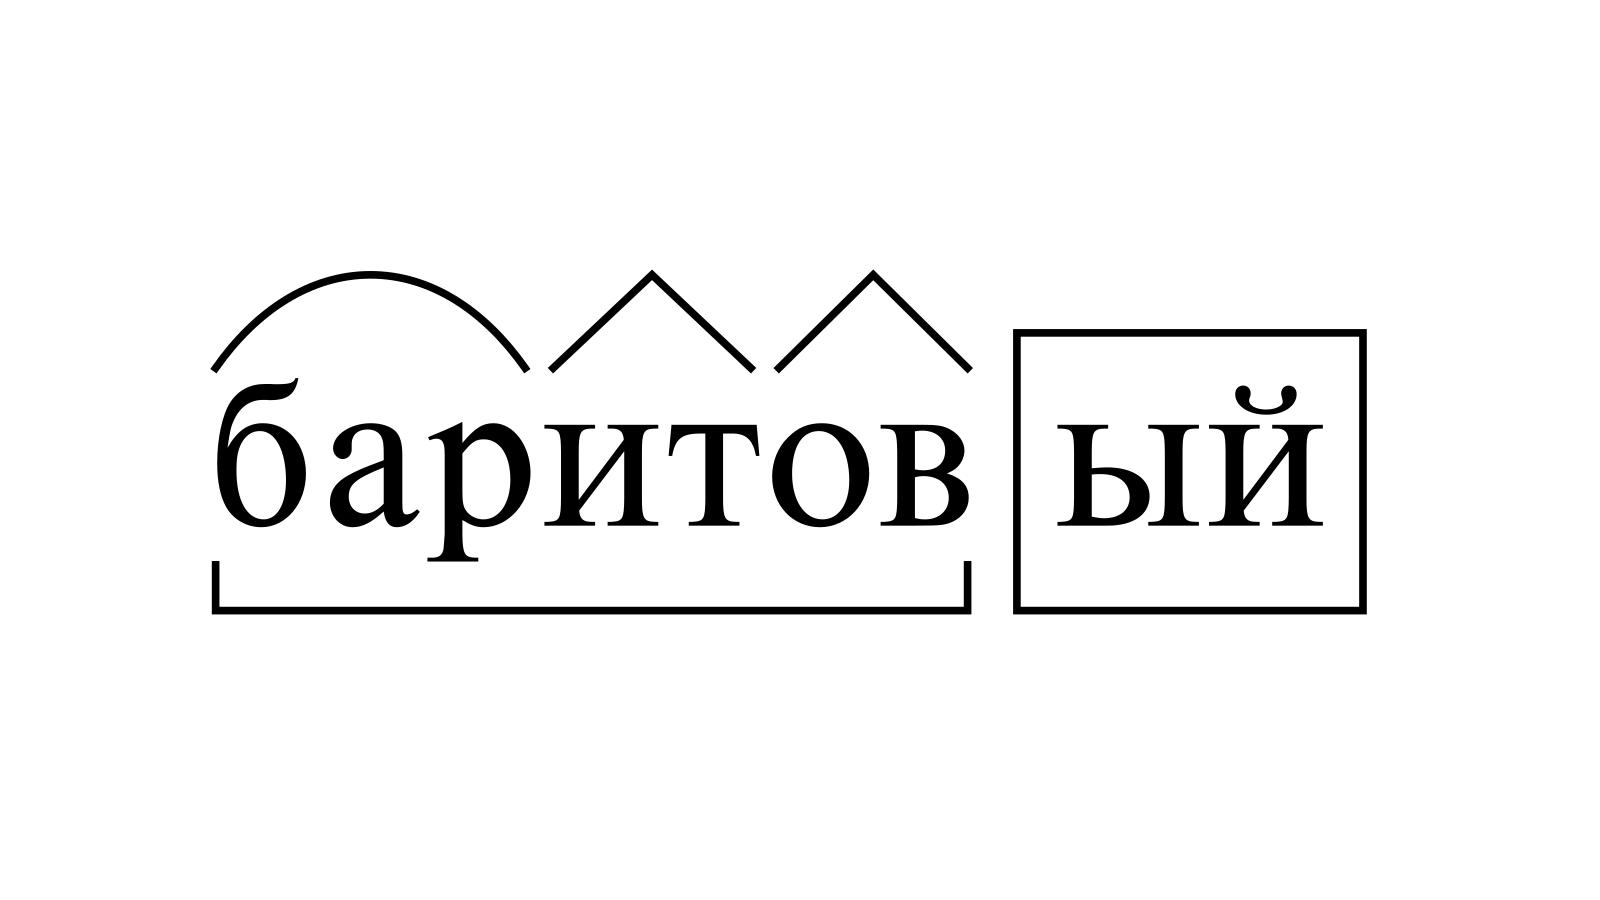 Разбор слова «баритовый» по составу